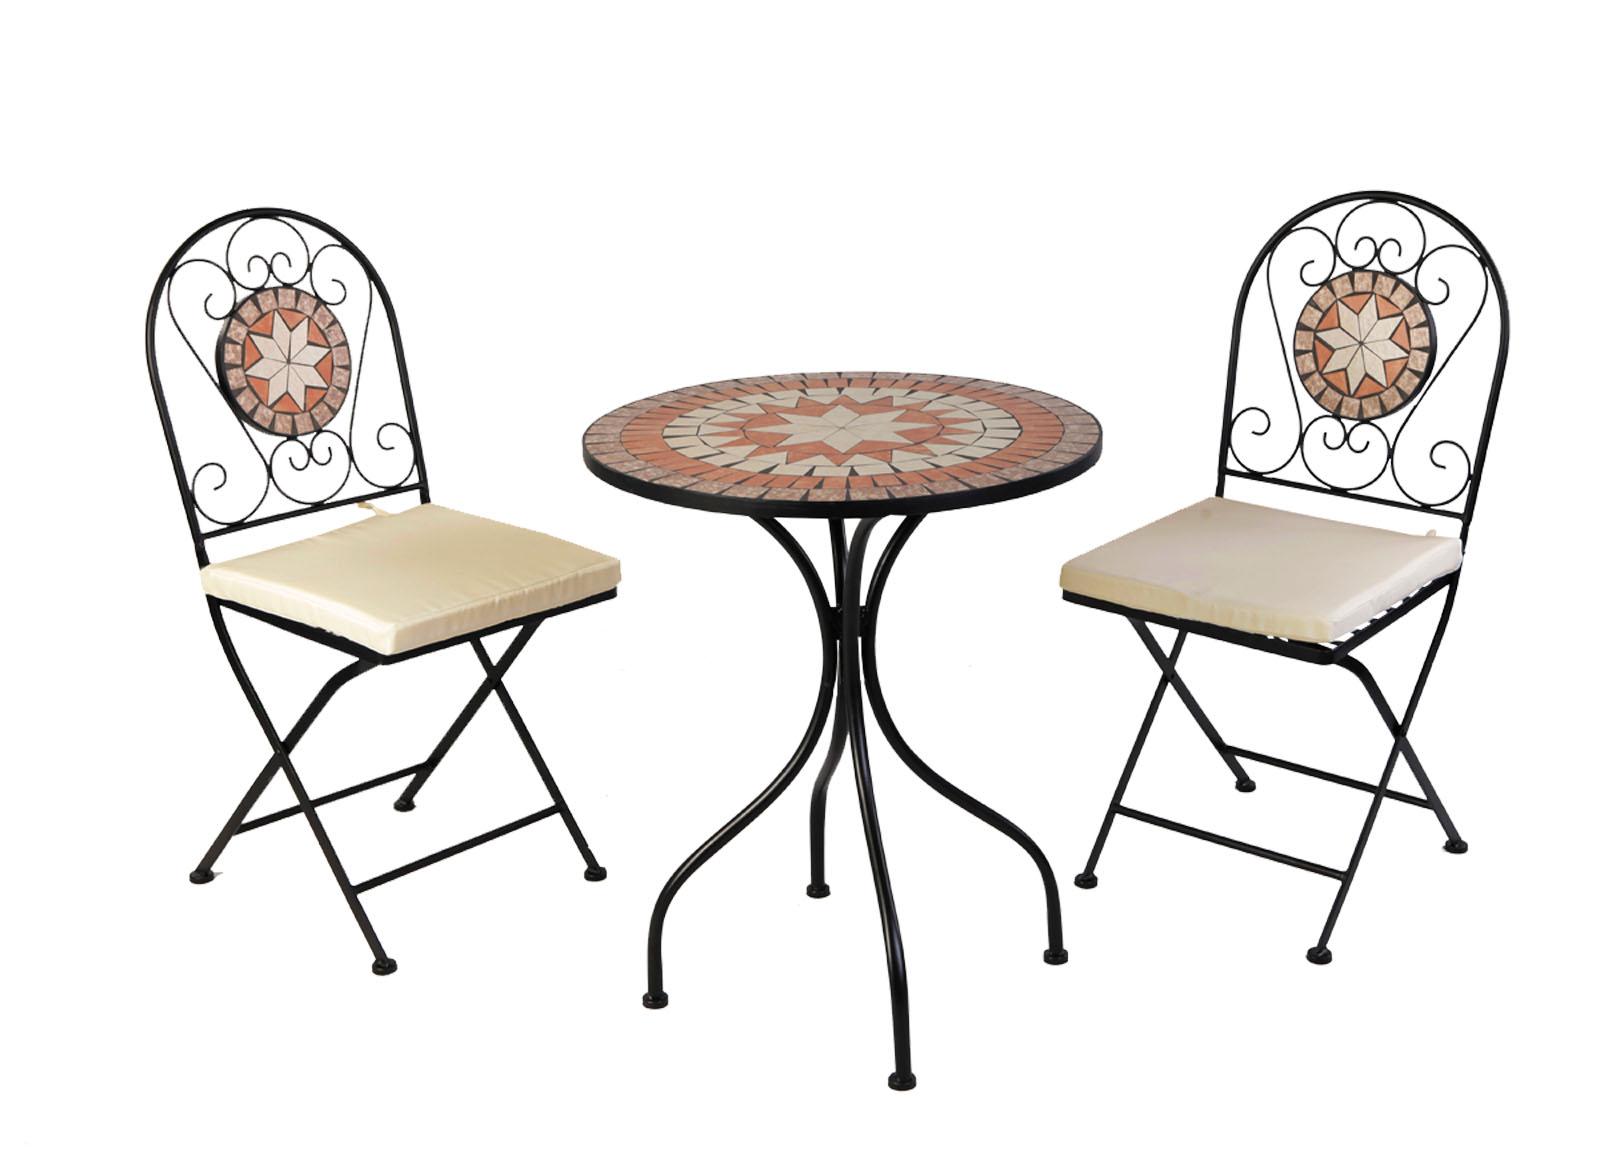 Dekoratives 5 Tlg Mosaik Set Sitzgarnitur Sitzgruppe